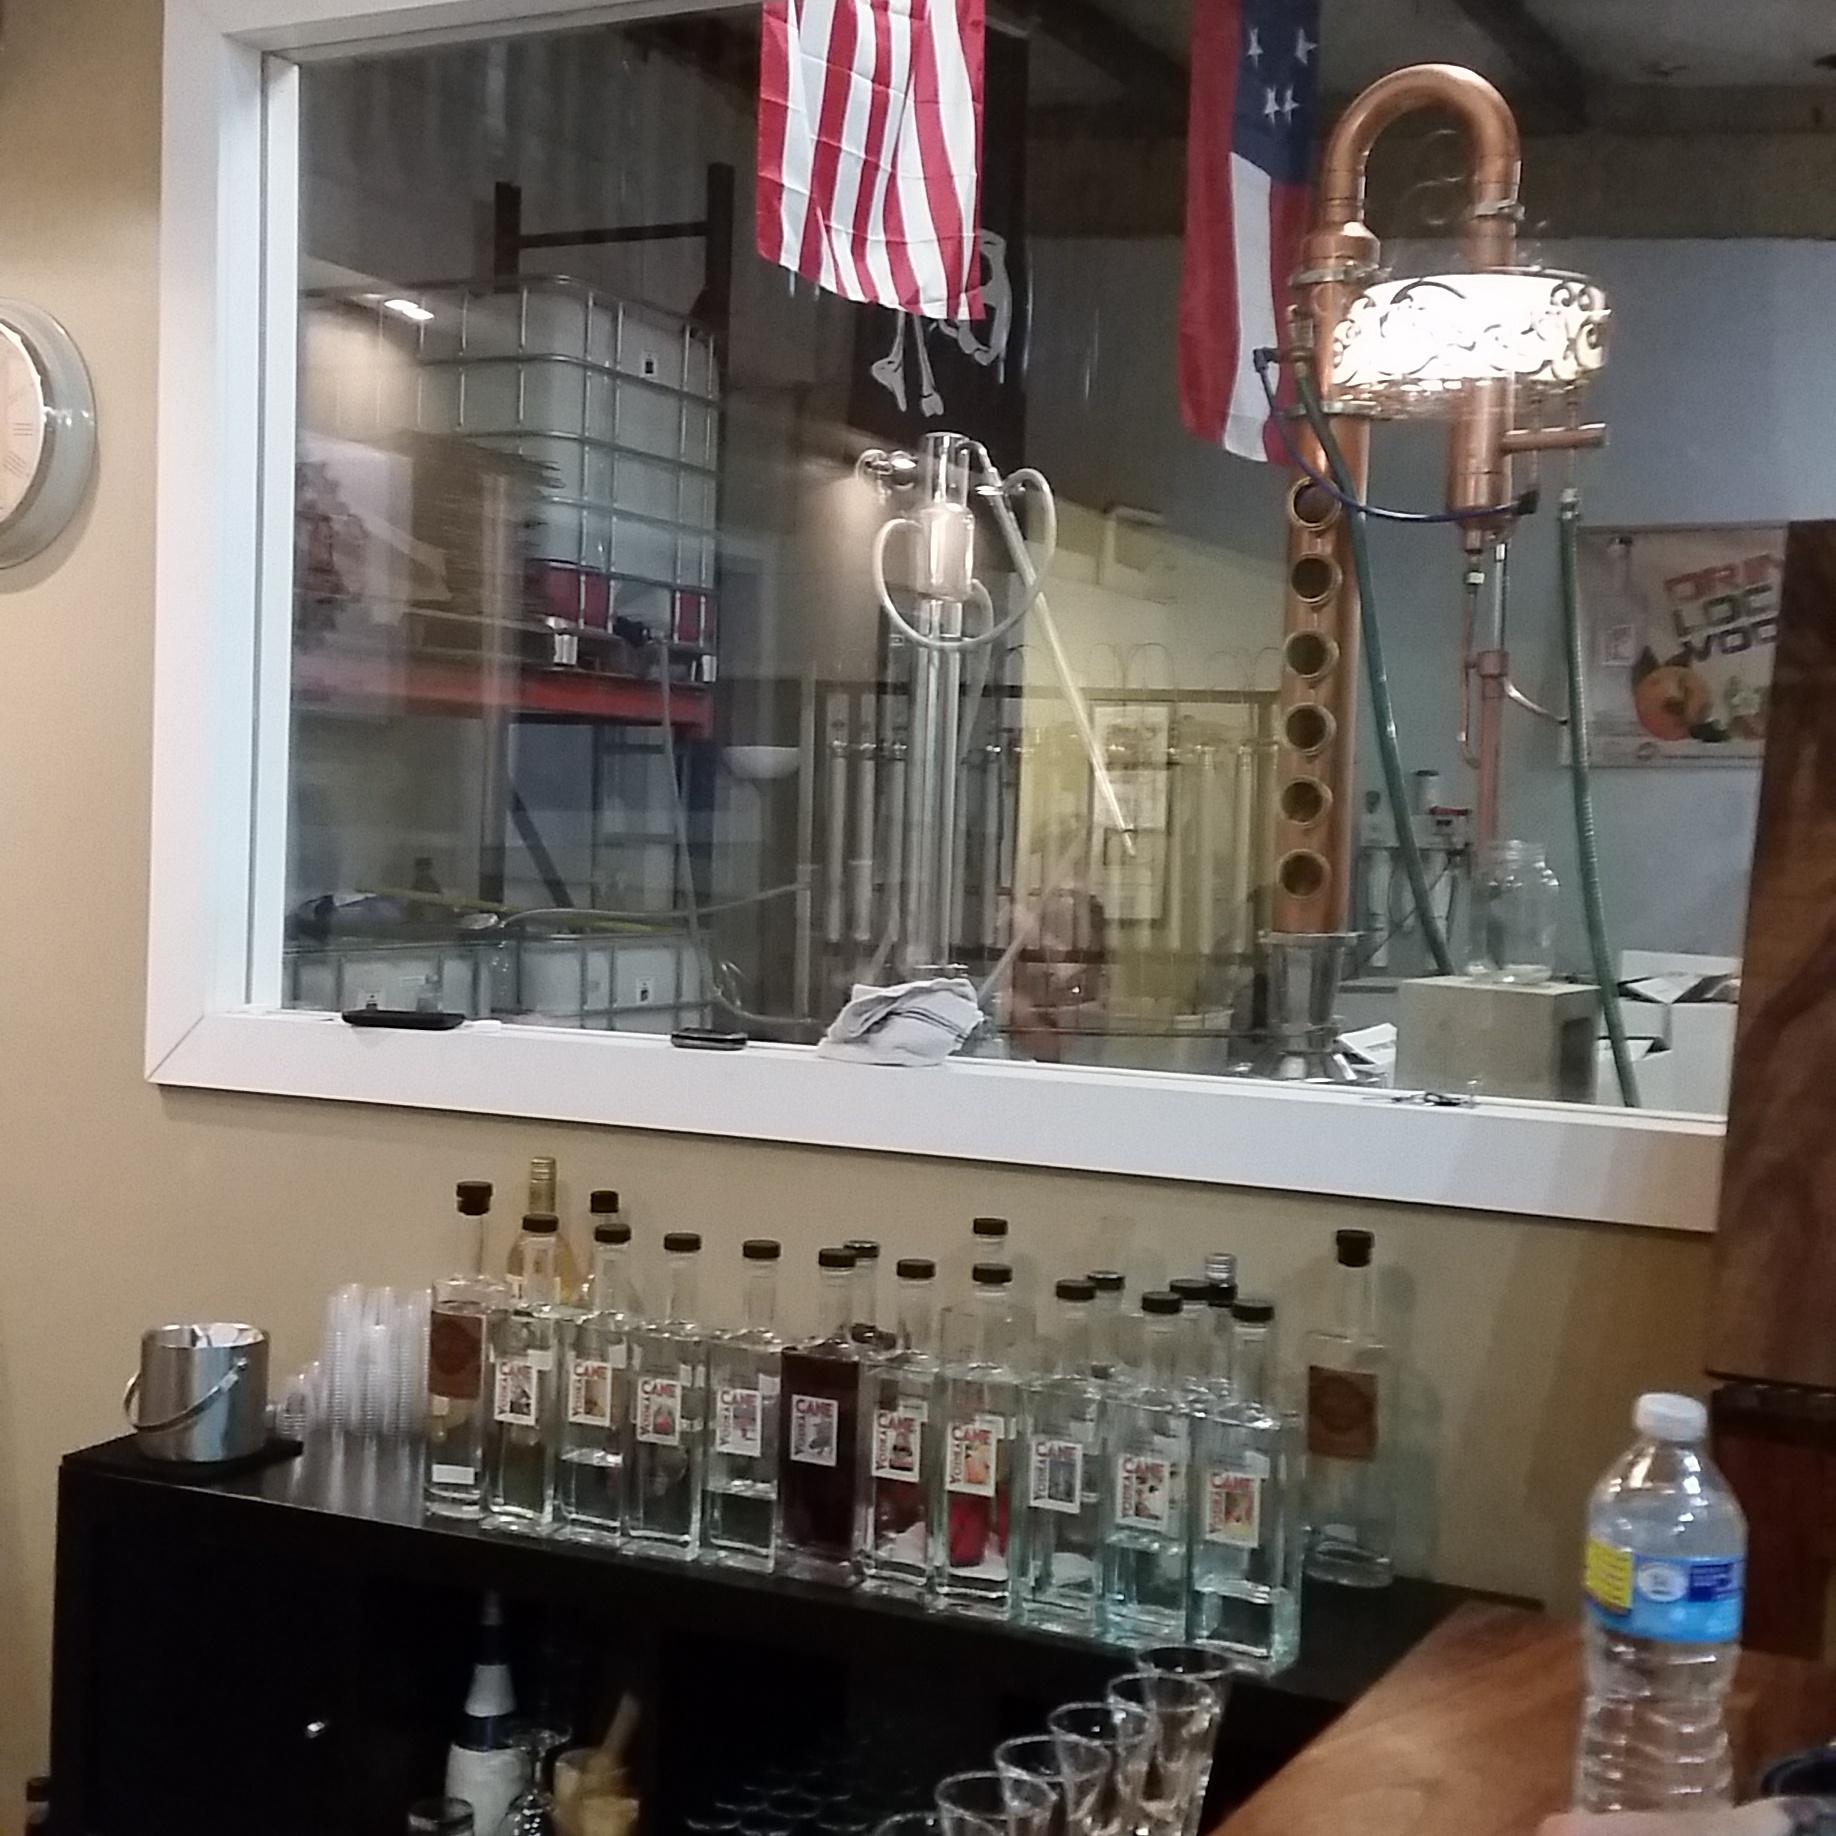 The Florida Cane Distillery